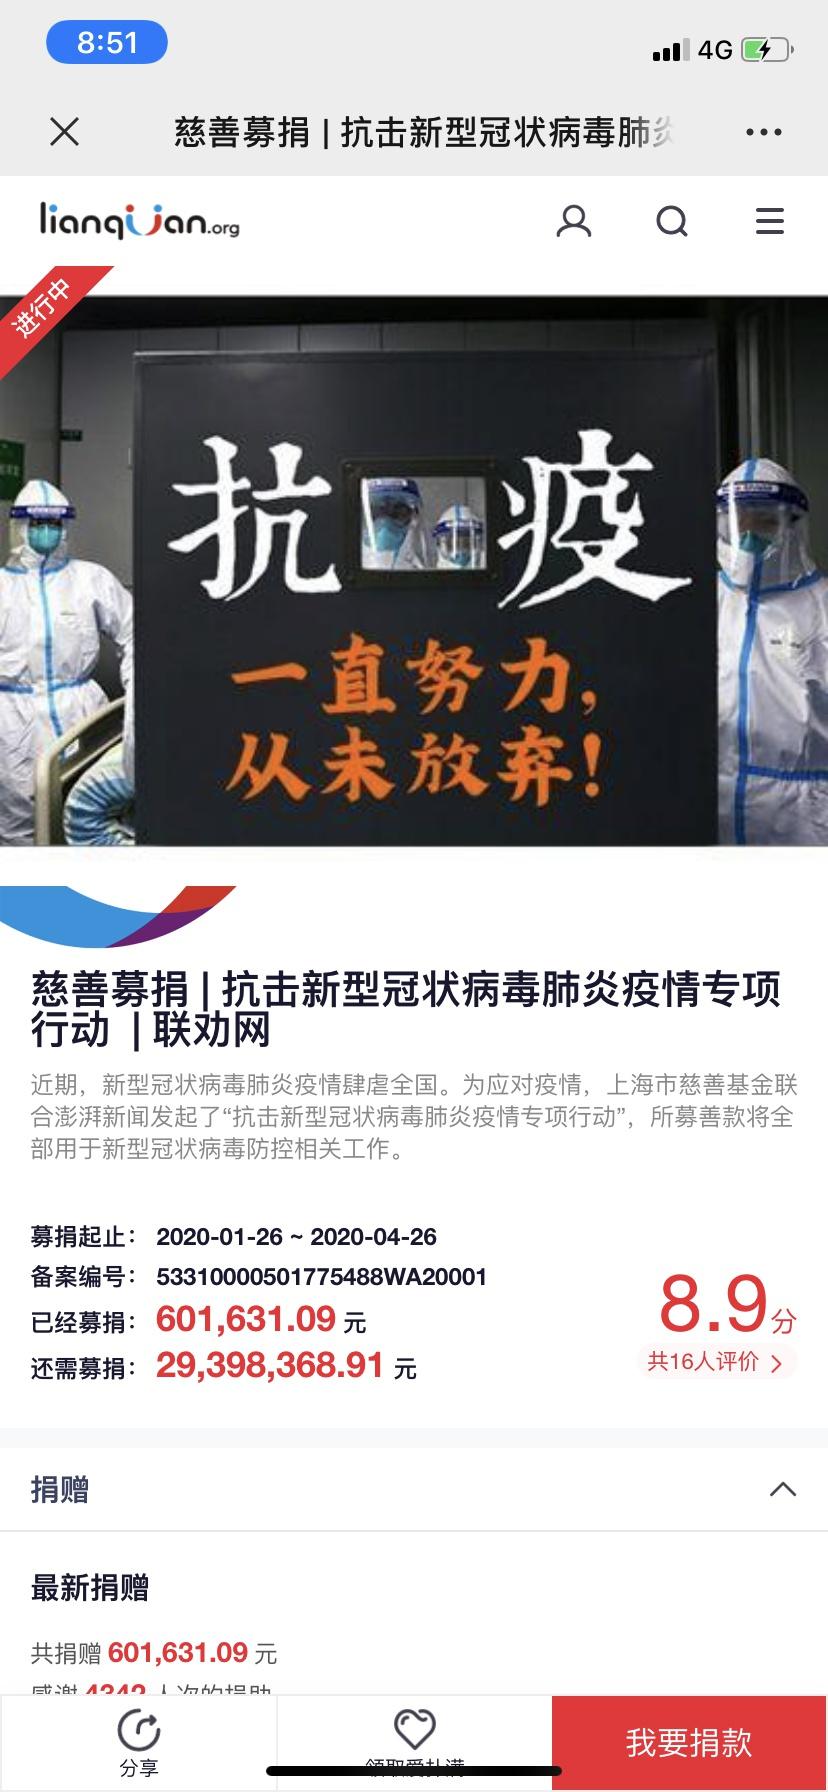 6个多小时超66万元!上海市慈善基金会与澎湃新闻联合募捐